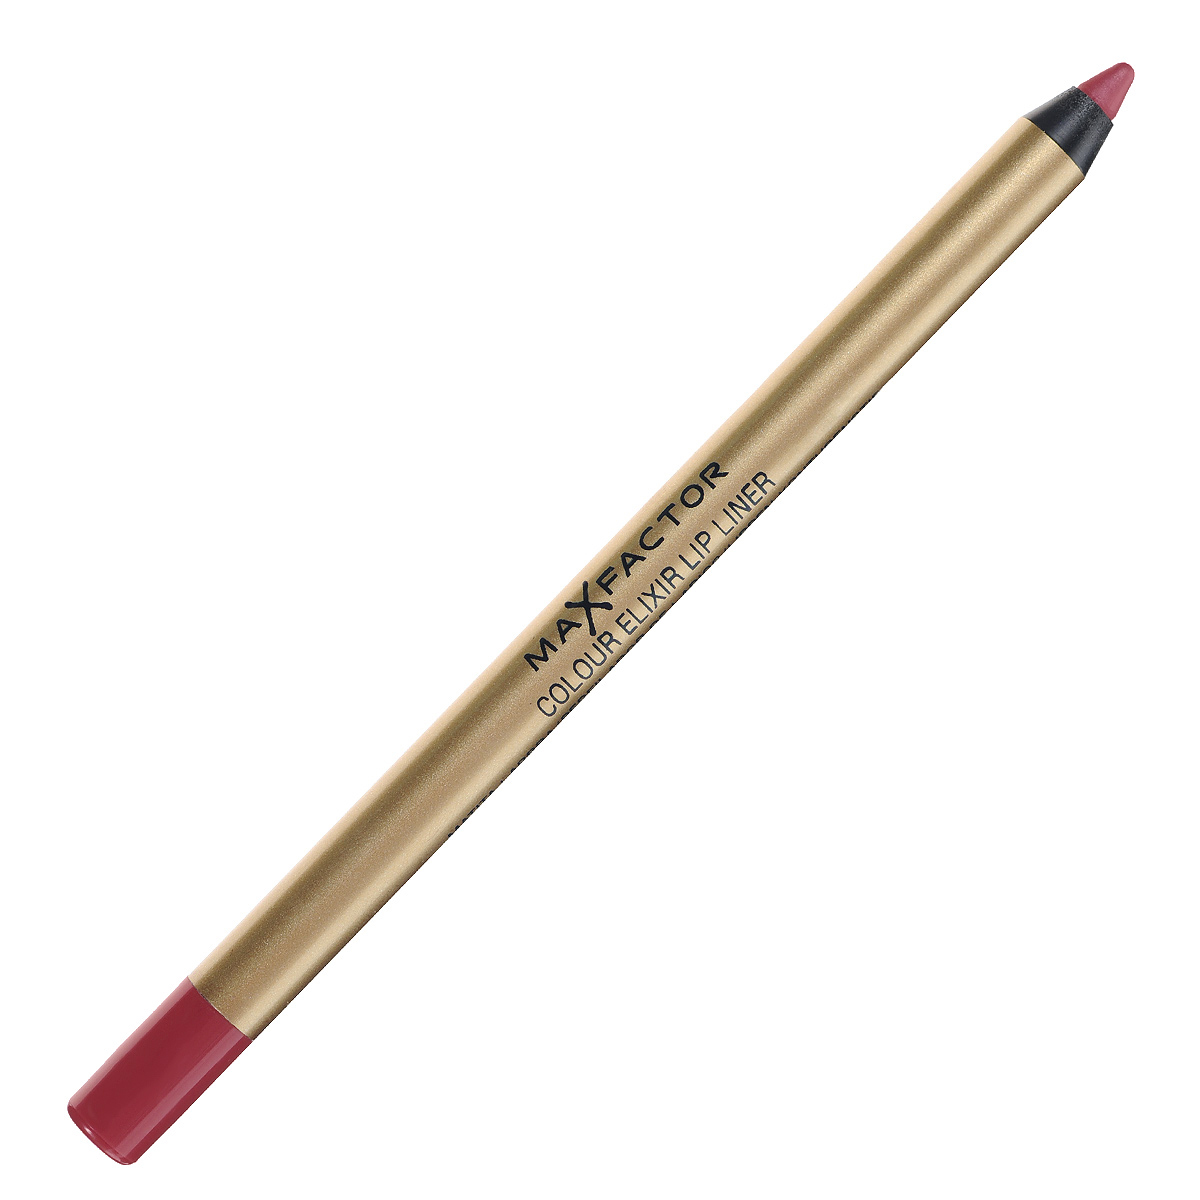 Max Factor Карандаш для губ Colour Elixir Lip Liner, тон №10 red rush, цвет: красныйSatin Hair 7 BR730MNСекрет эффектного макияжа губ - правильный карандаш. Он мягко касается губ и рисует точную линию, подчеркивая контур и одновременно ухаживая за губами. Карандаш для губ Colour Elixir подчеркивает твои губы, придавая им форму. - Роскошный цвет и увлажнение для мягких и гладких губ. - Оттенки подходят к палитре помады Colour Elixir. - Легко наносится.1. Выбирай карандаш на один тон темнее твоей помады 2. Наточи карандаш и смягчи кончик салфеткой 3. Подведи губы в уголках, дугу Купидона и середину нижней губы, затем соедини линии 4. Нанеси несколько легких штрихов на губы, чтобы помада держалась дольше.